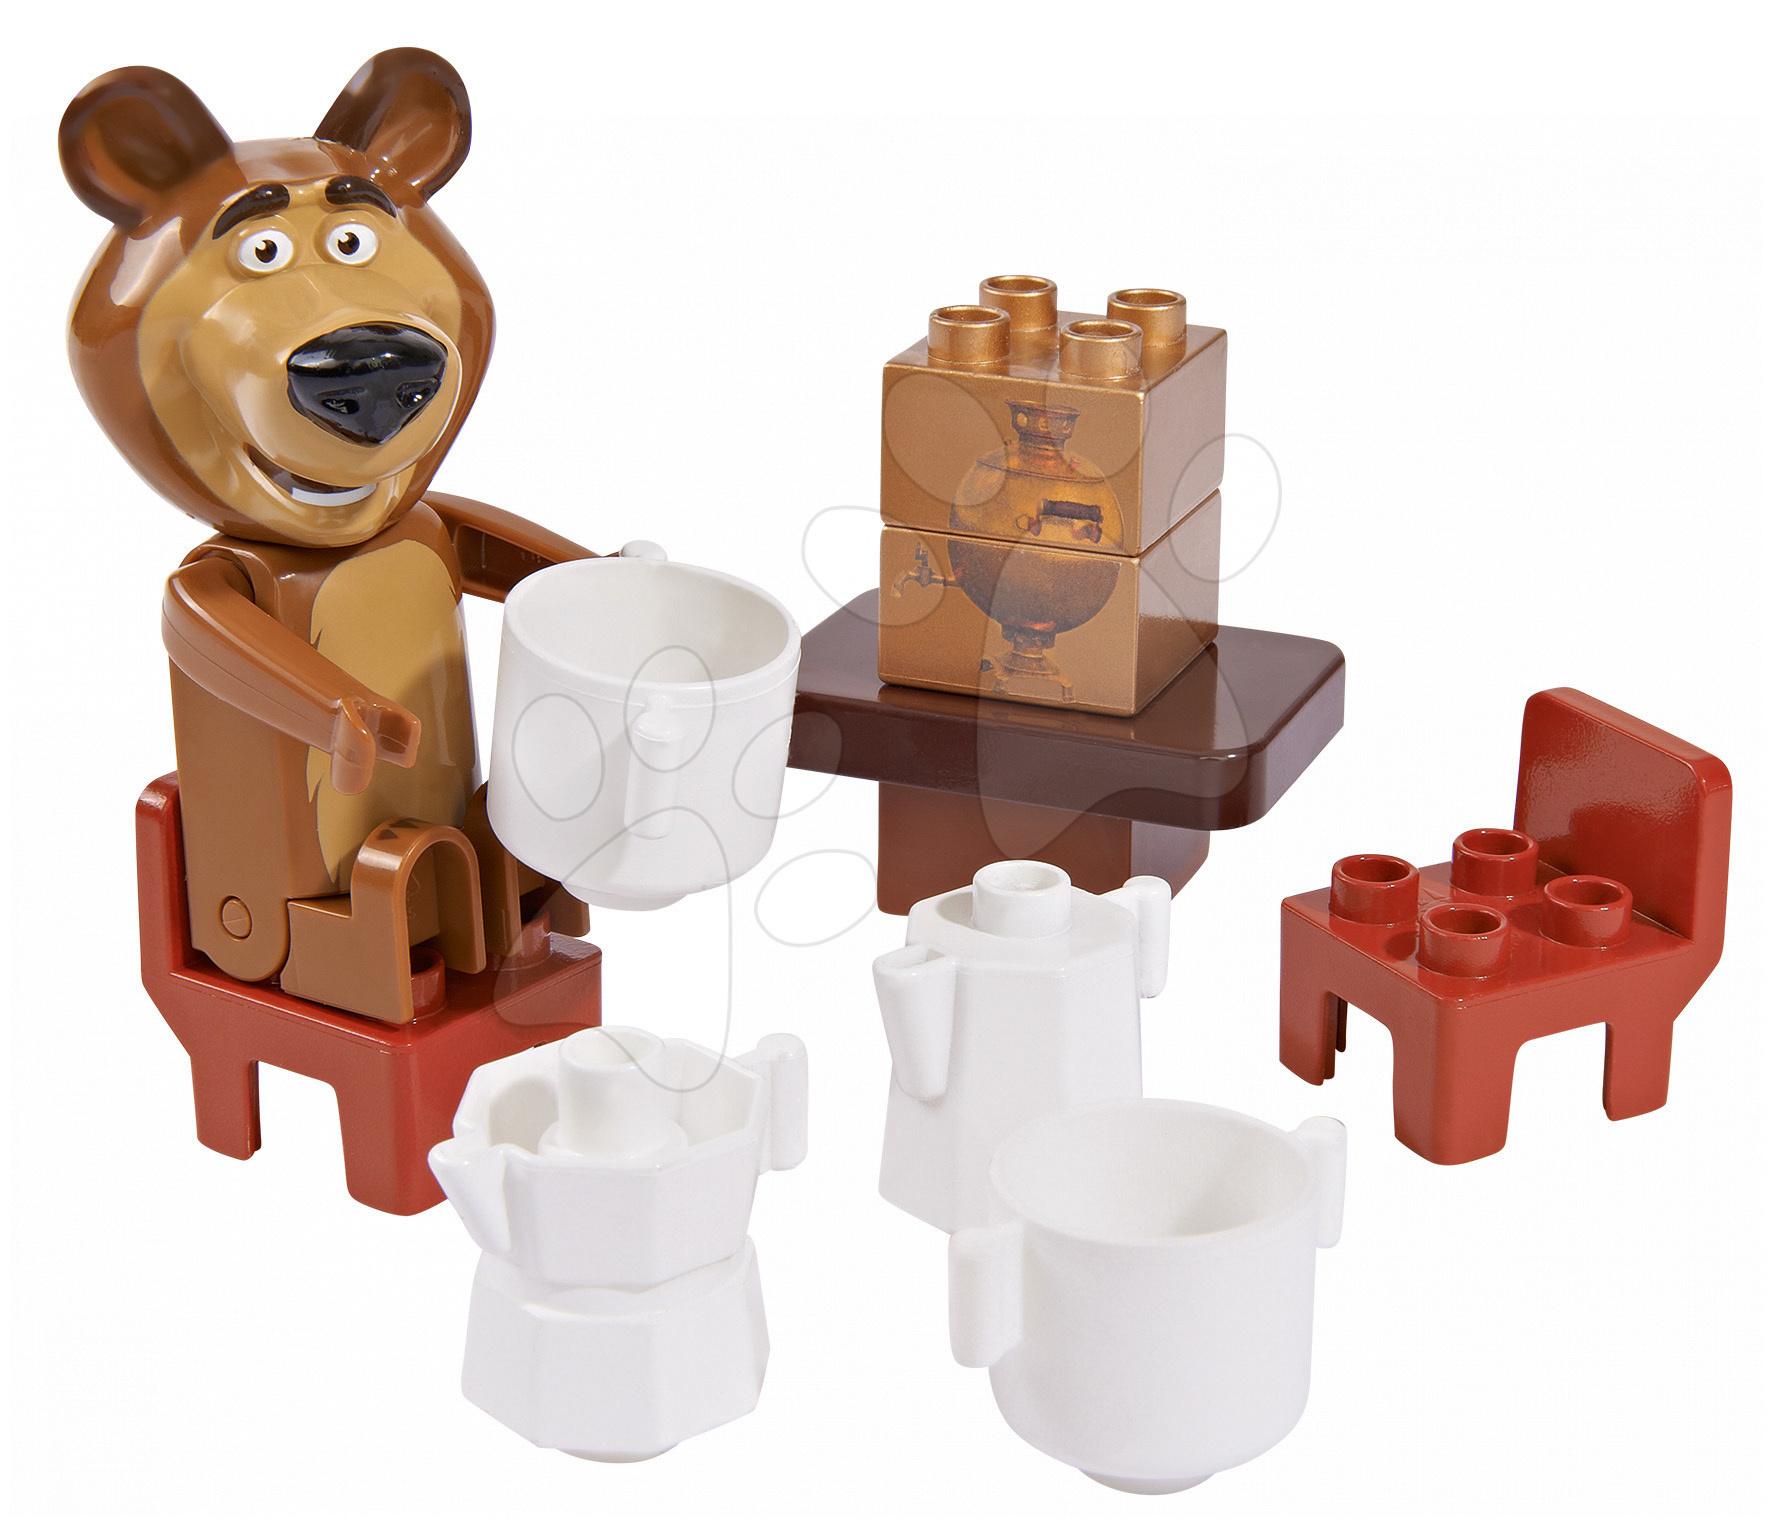 Stavebnice BIG-Bloxx jako lego - Stavebnice Miša v jídelně PlayBIG Bloxx BIG 7-11 dílů od 1,5-5 let